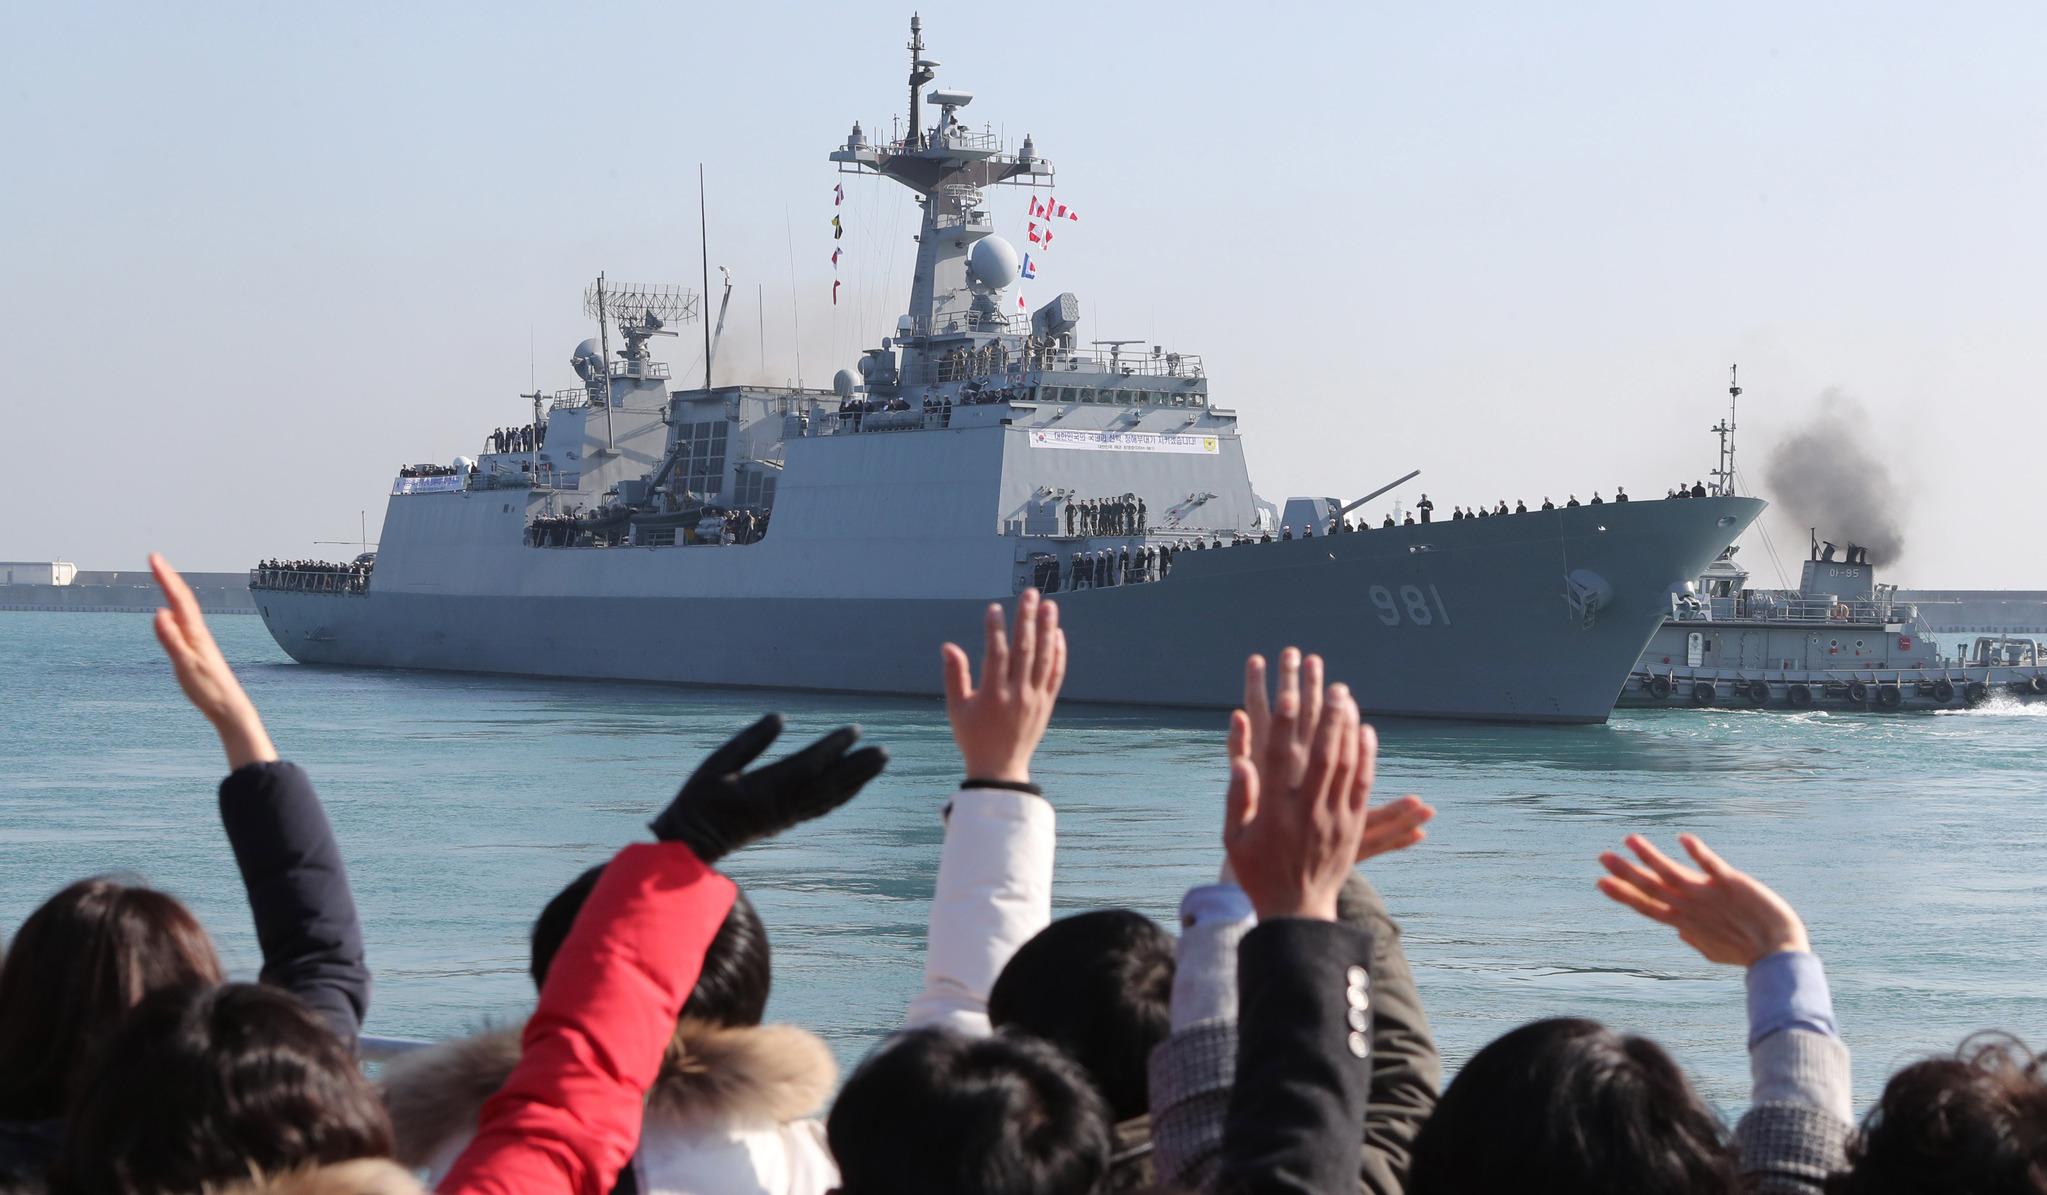 청해부대 23진 최영함(DDH-Ⅱ,4400t급)의 파병신고식이 열린 지난 1월 3일 부산 남구 해군작전사령부 부산작전기지에서 가족들이 손을 흔들며 최영함을 배웅하고 있다. 송봉근 기자